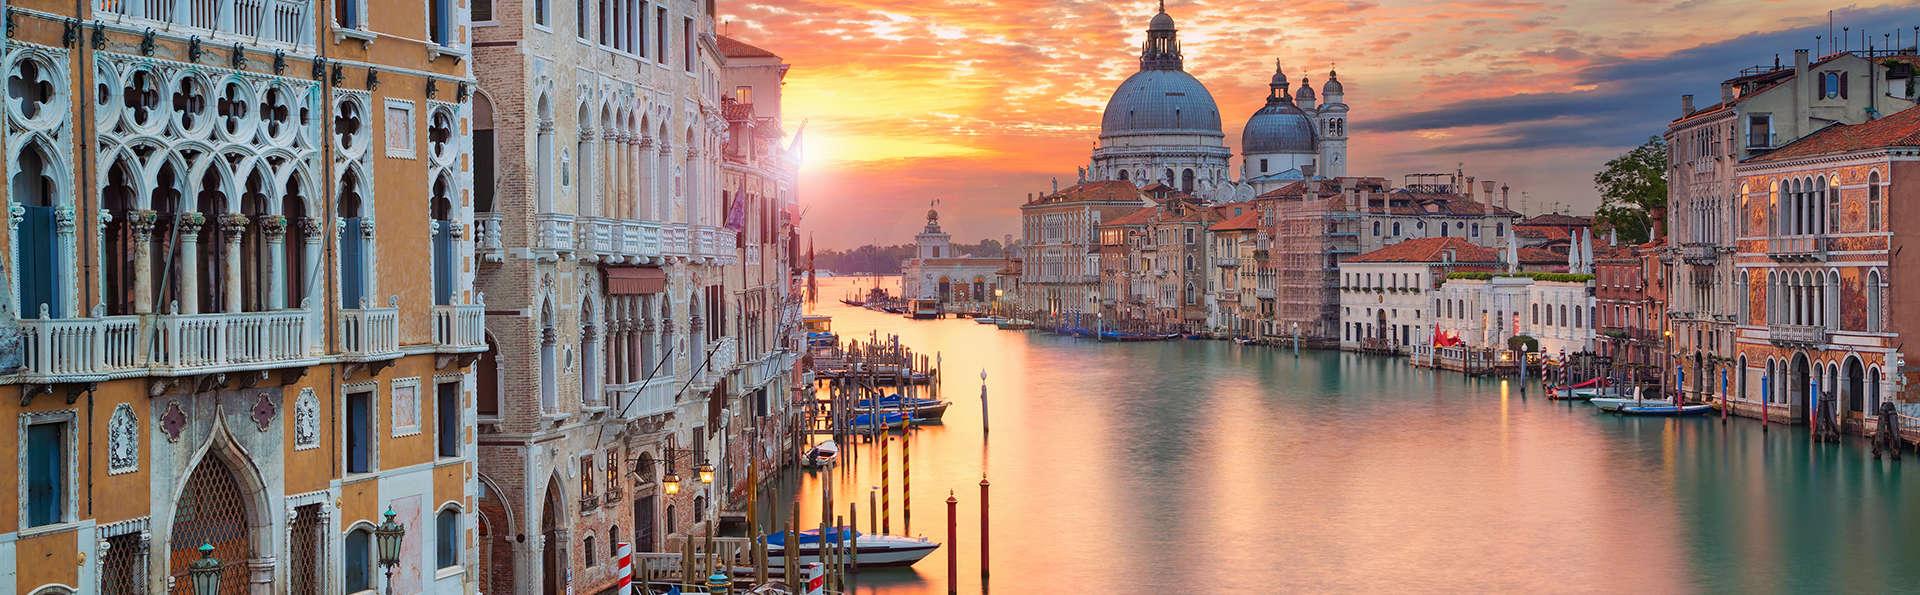 Séjournez en semaine et économisez ! Dans un élégant appartement au cœur de Venise